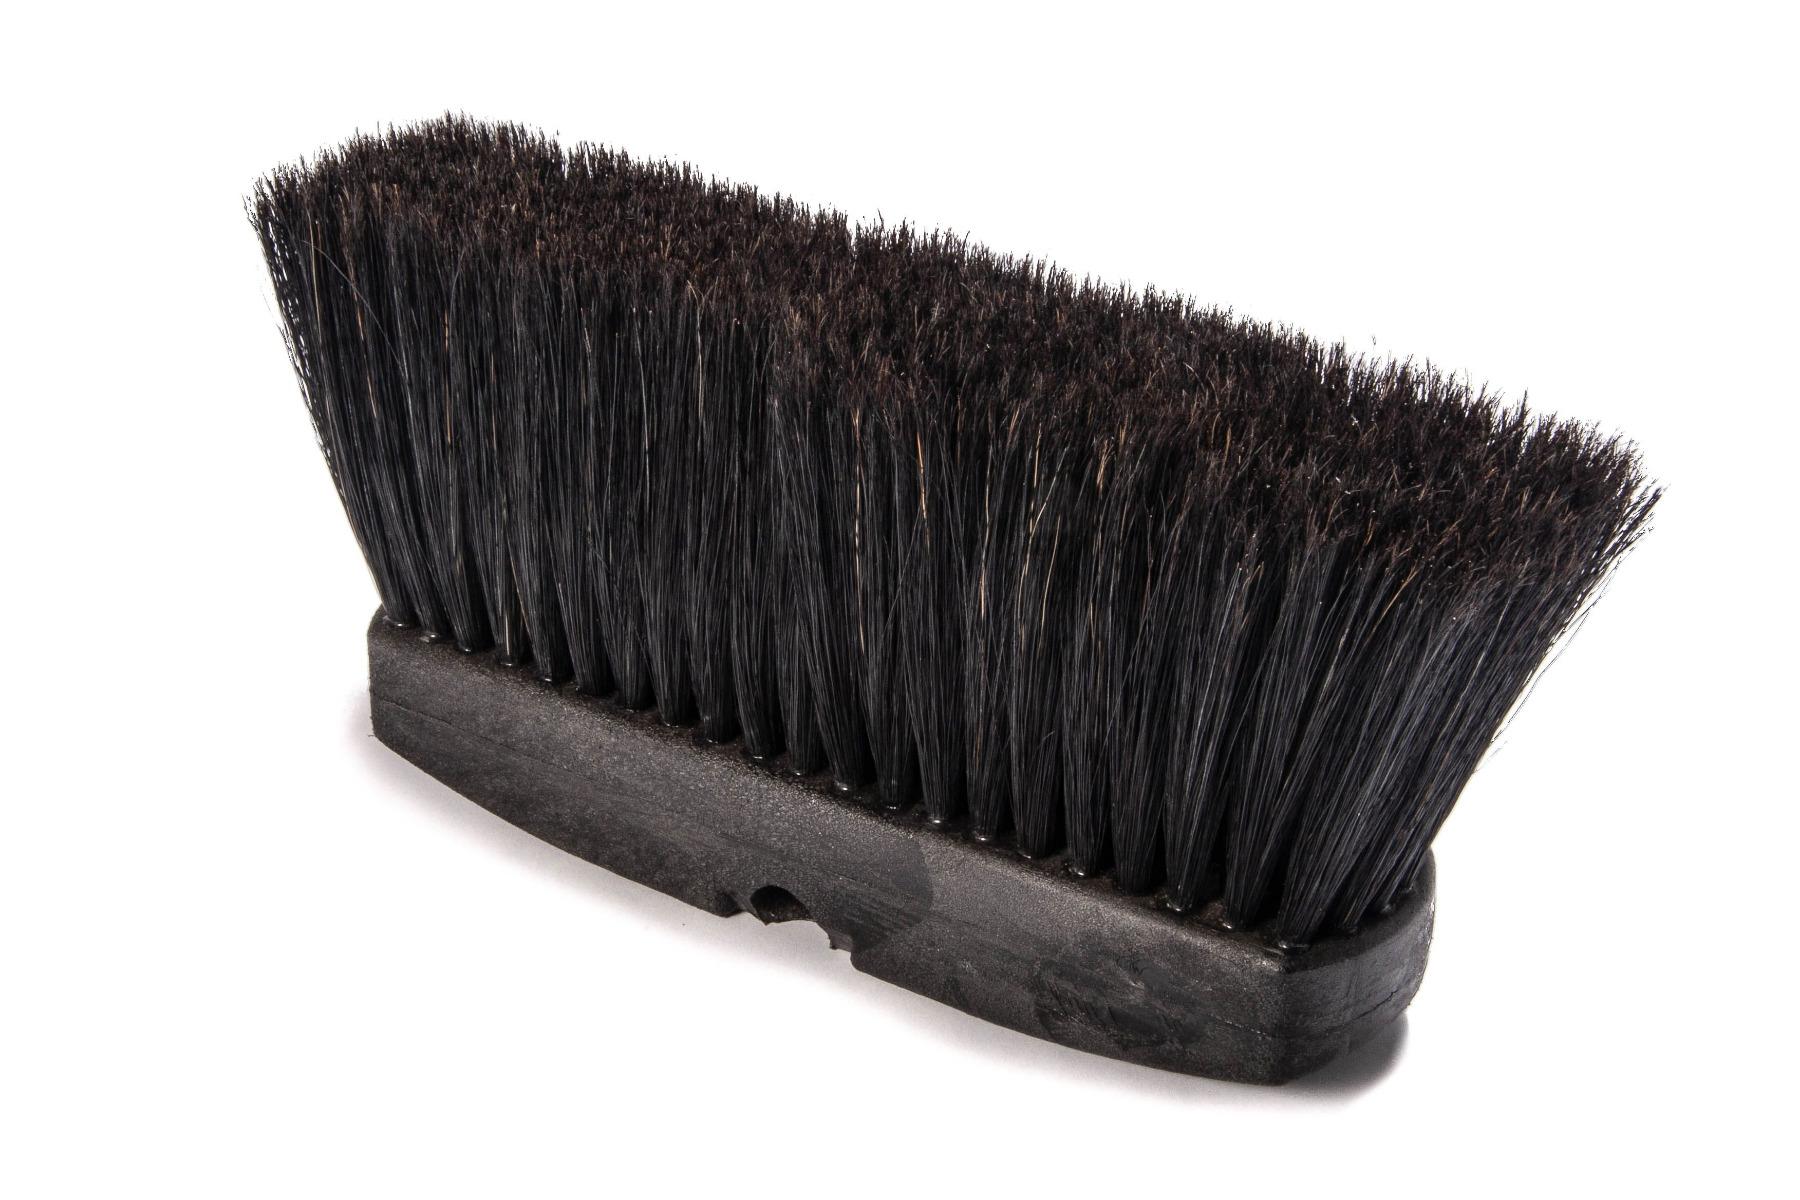 701BW Car Wash Brush - Braun Automotive